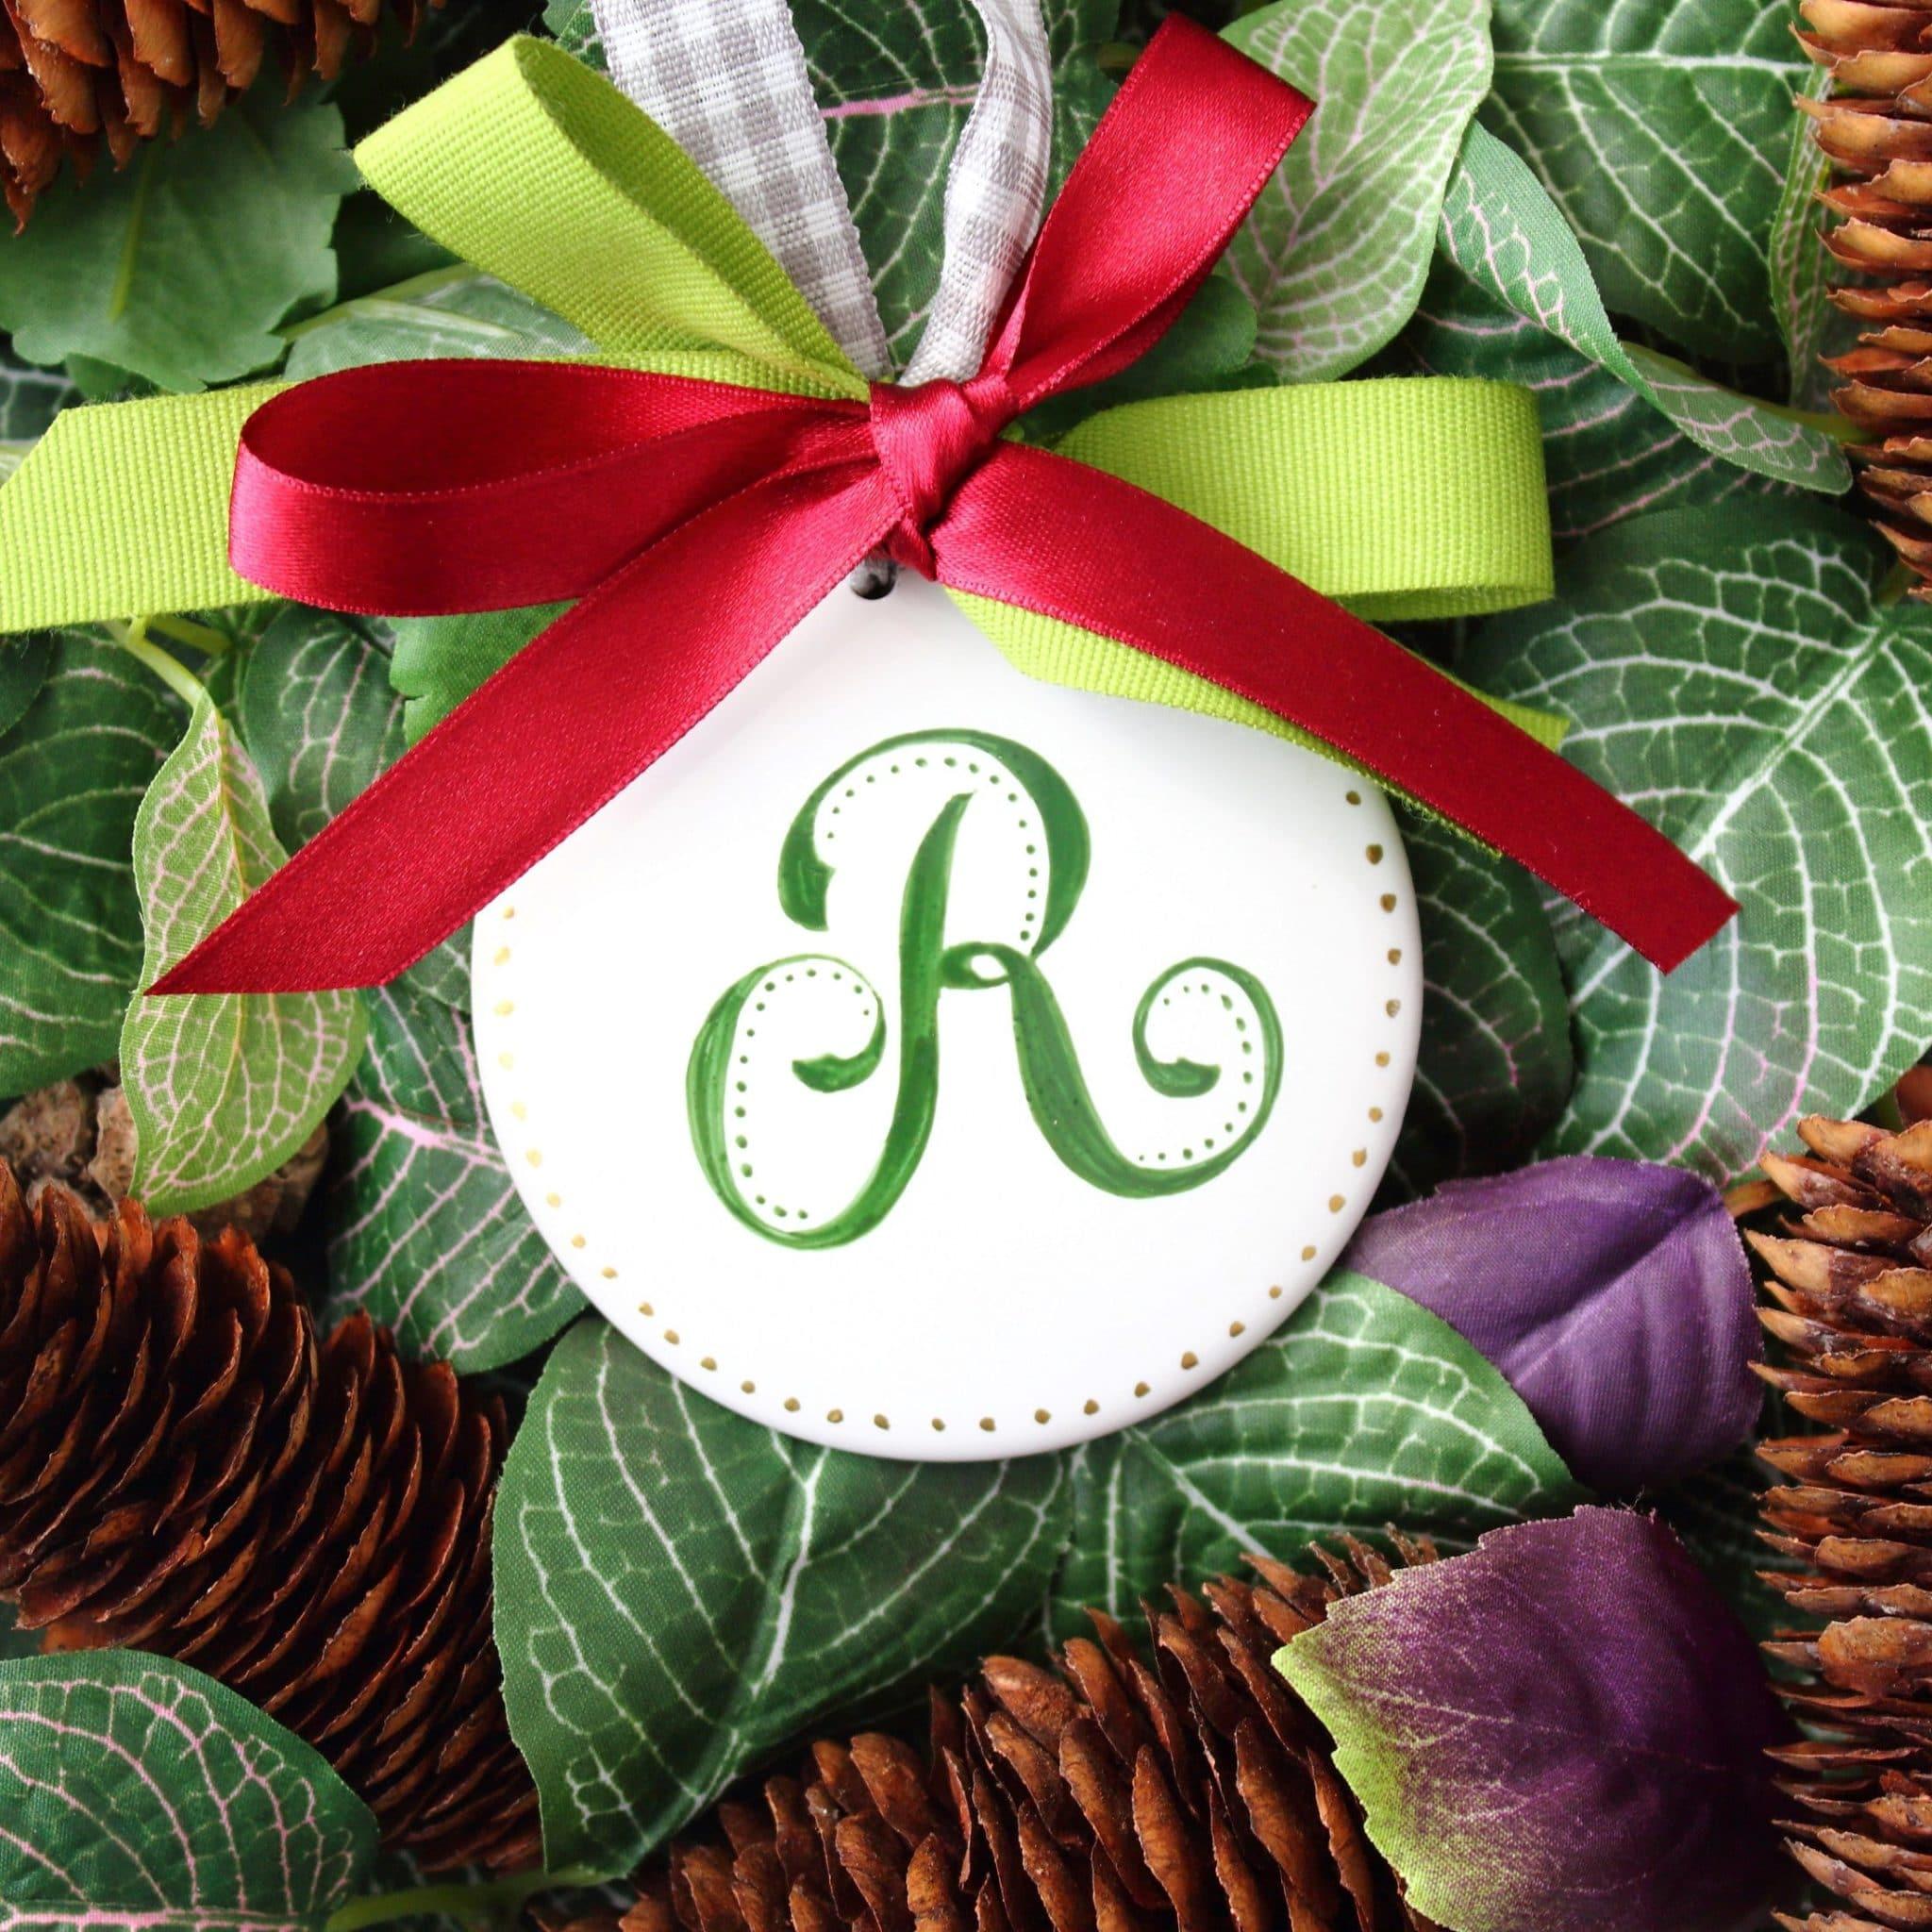 Decorazione per l 39 albero di natale in porcellana personalizzata con monogramma olalla - Decorazioni natalizie fatte a mano per bambini ...